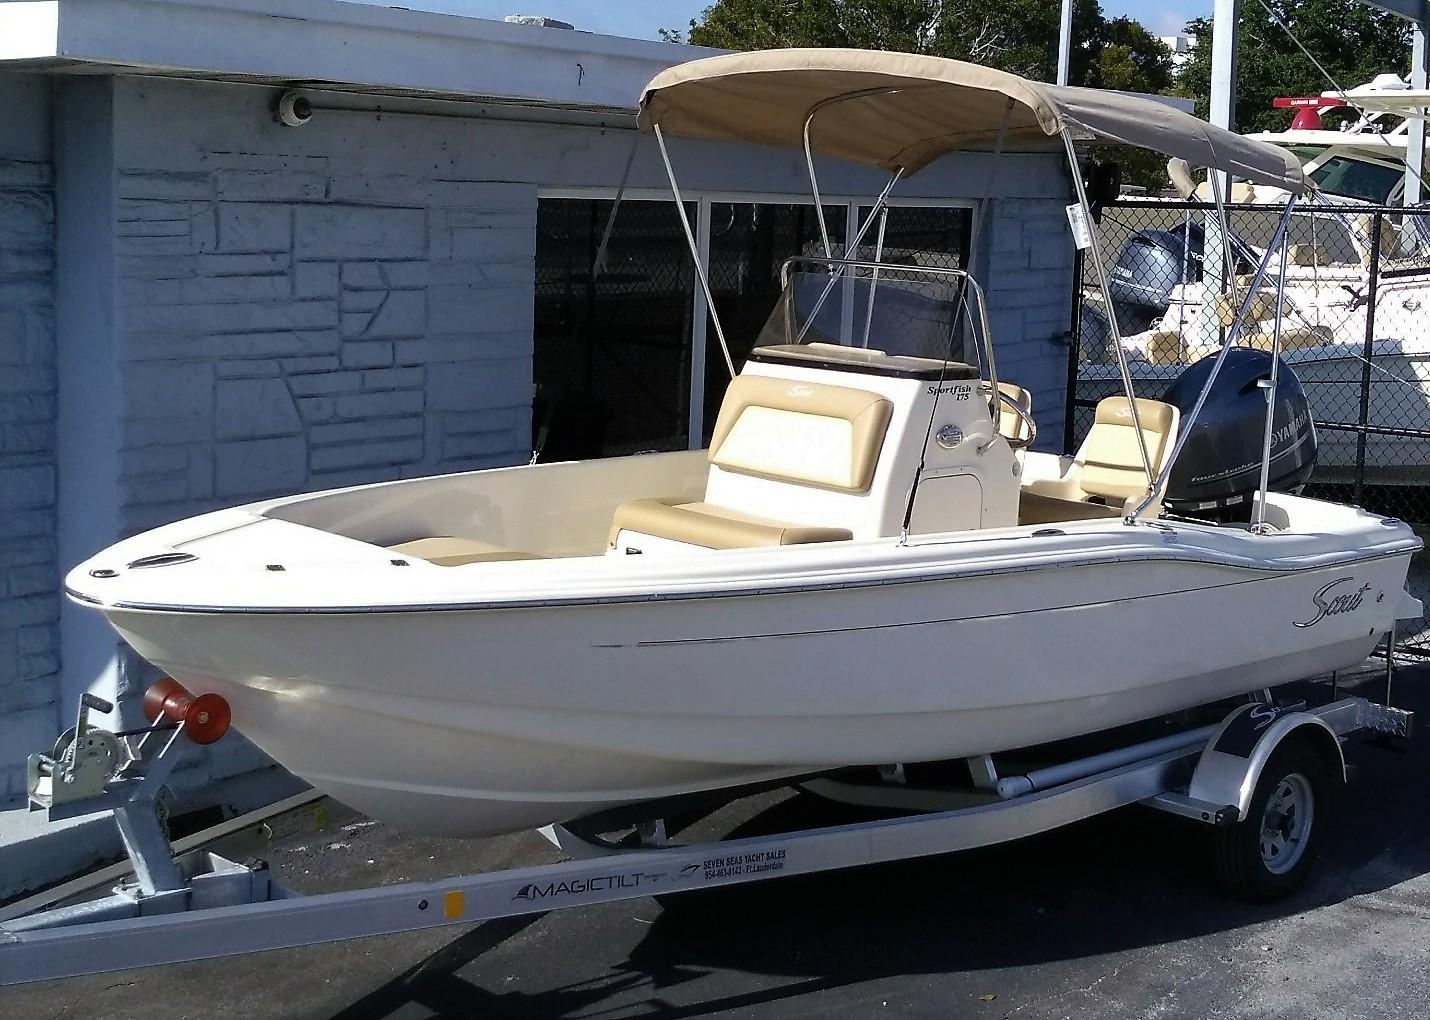 Scout 175 Sport Fish 2020 Scout 175 Sportfish - Seven Seas Yacht Sales, Inc.